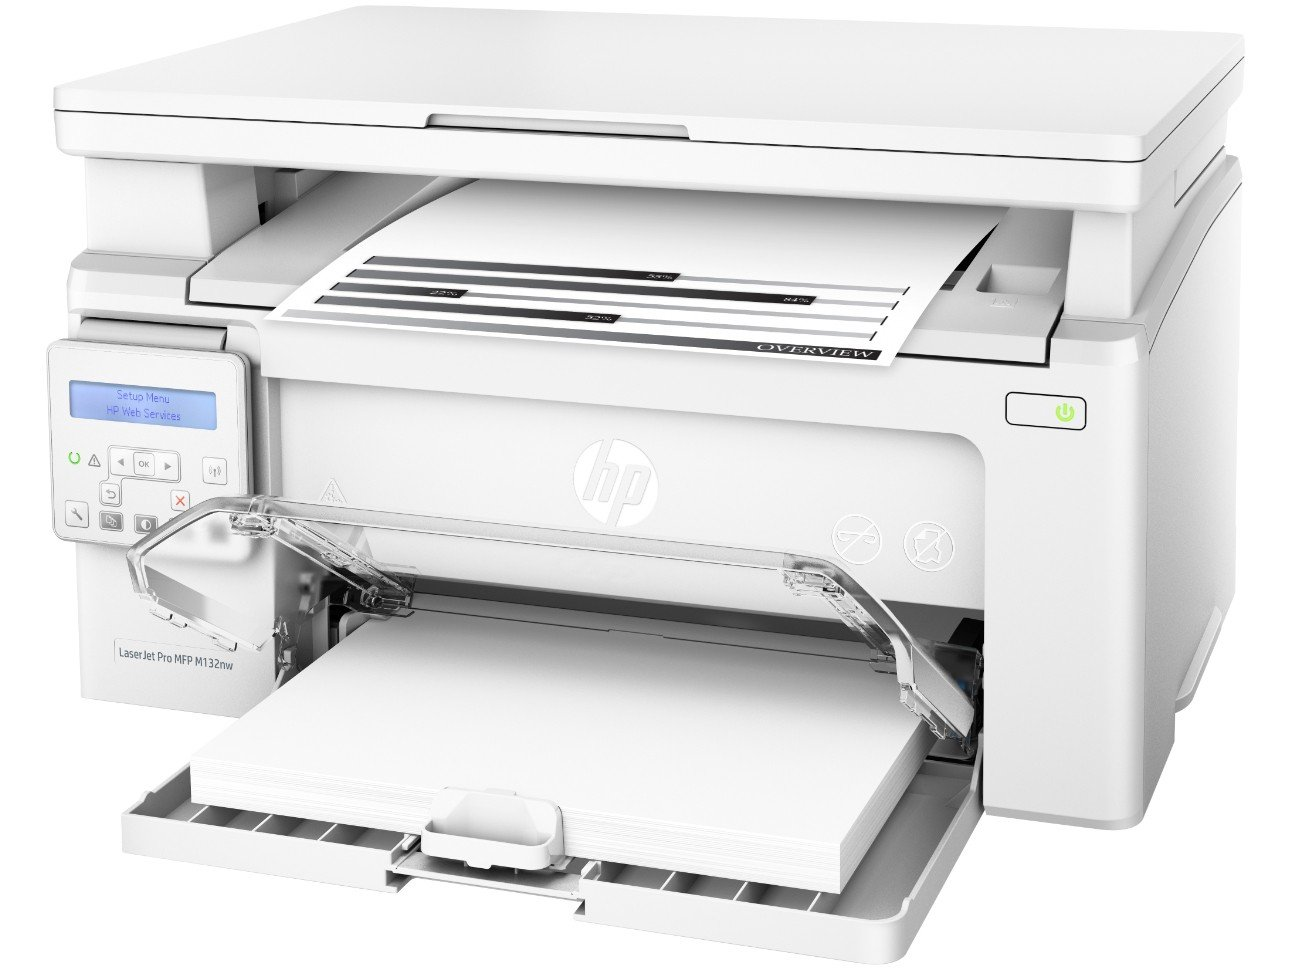 Foto 1 - Impressora Multifuncional HP LaserJet Pro M132nw - Laser Wi-Fi USB